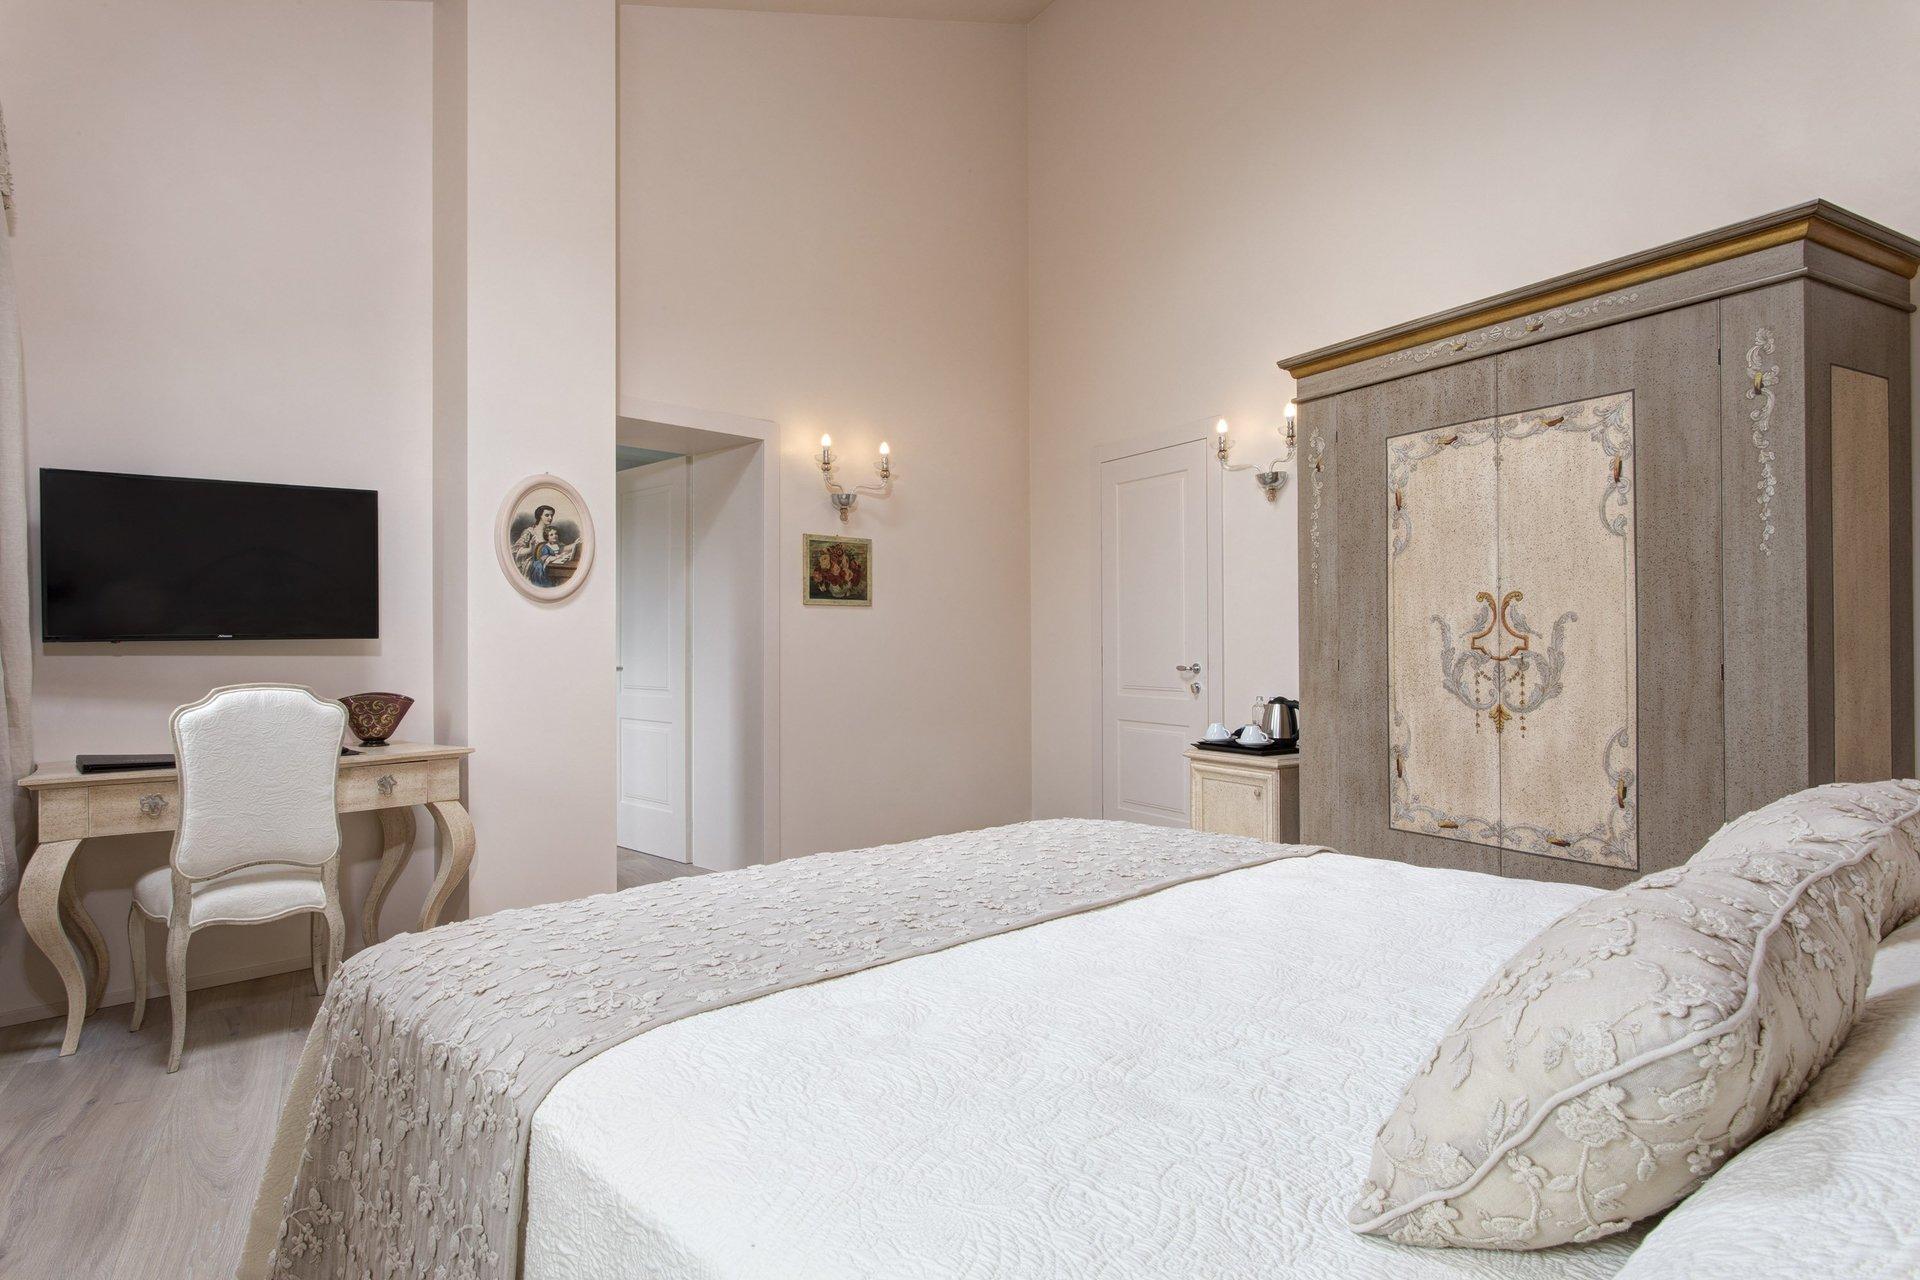 camera da letto dopo home staging